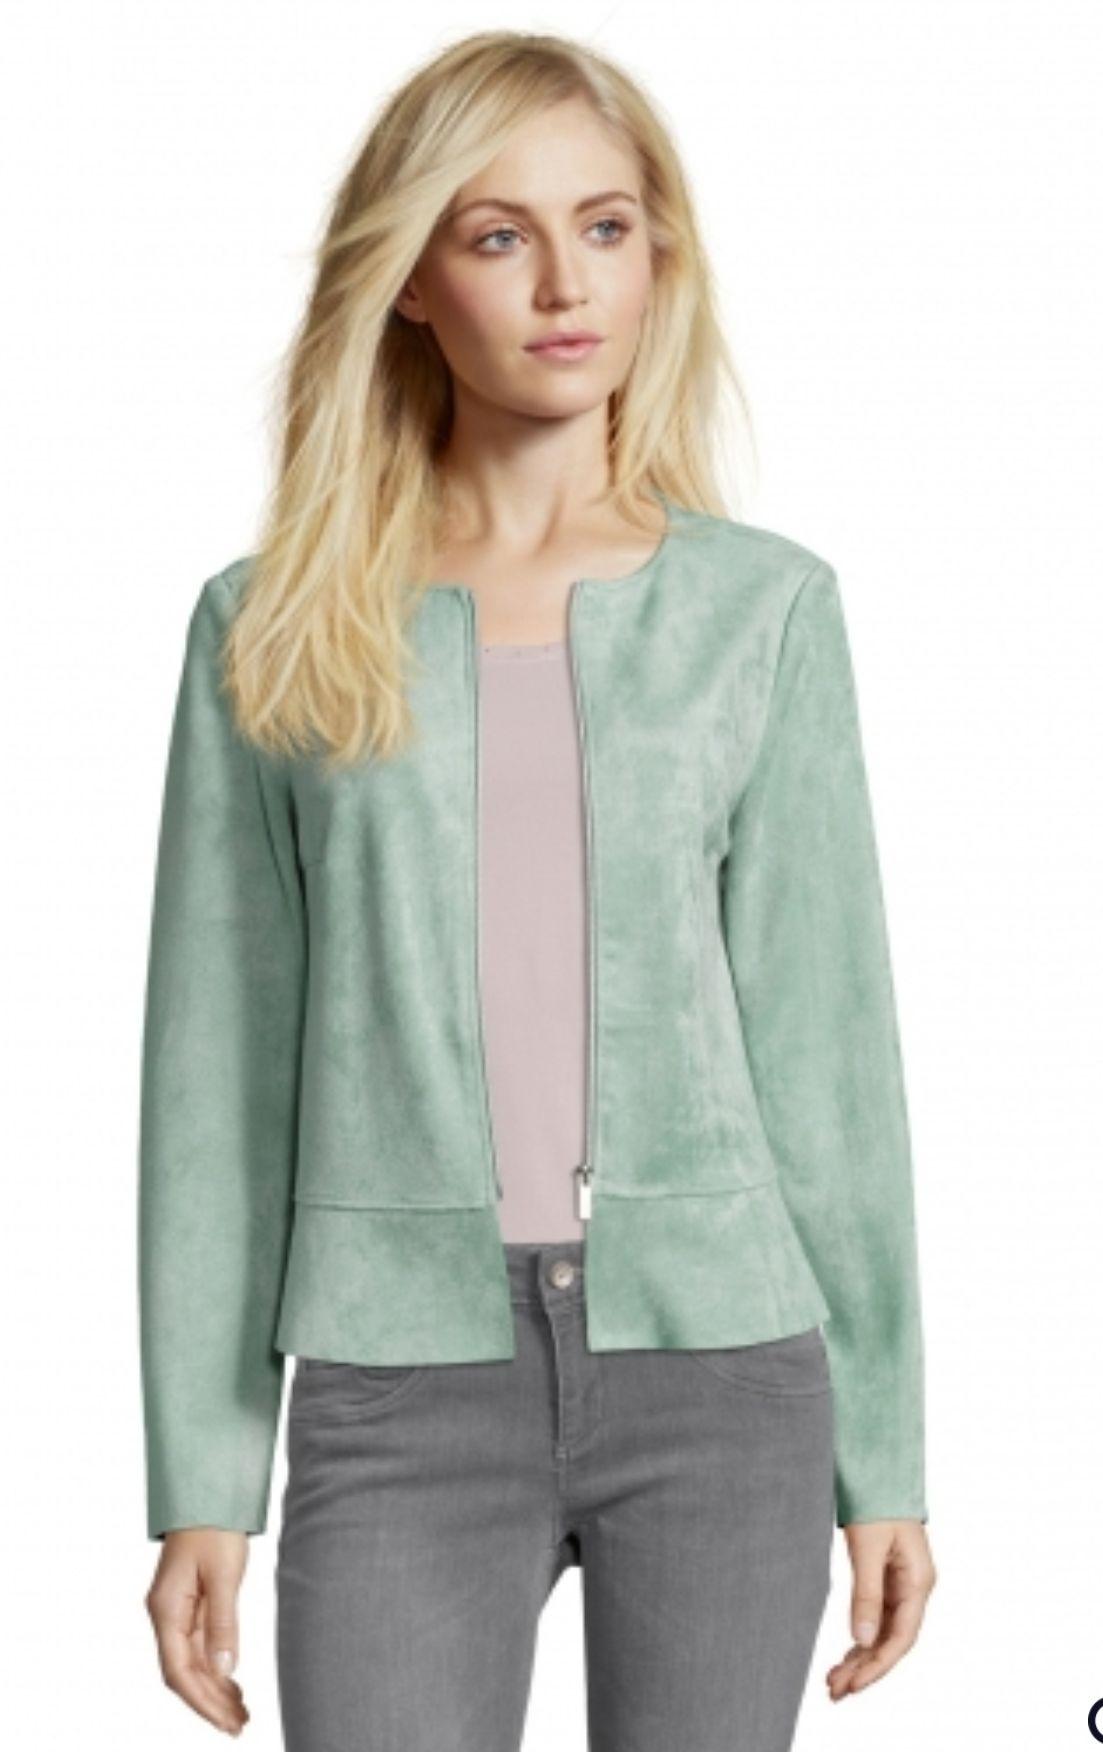 Betty Barclay Leichte Jacke GR. 36/40/48 für Damen mit Reißverschluss versandkostenfrei Online Verfügbar in 3 Grössen vorhanden